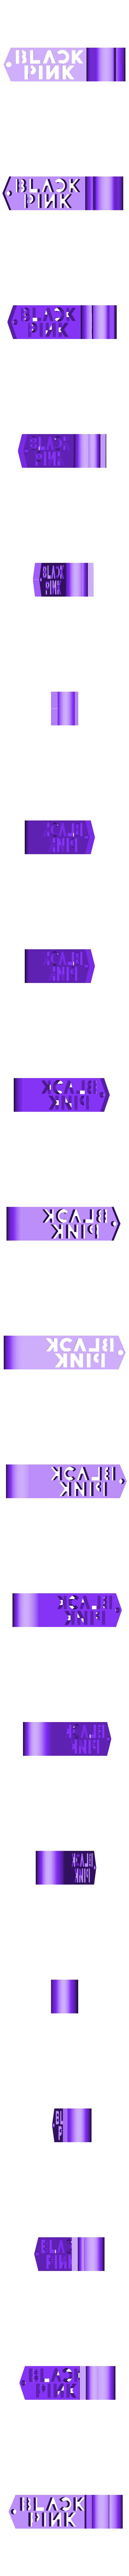 BlackPink.stl Télécharger fichier STL gratuit KPop - porte-clés pour téléphone (8 groupes) • Modèle imprimable en 3D, CheesmondN